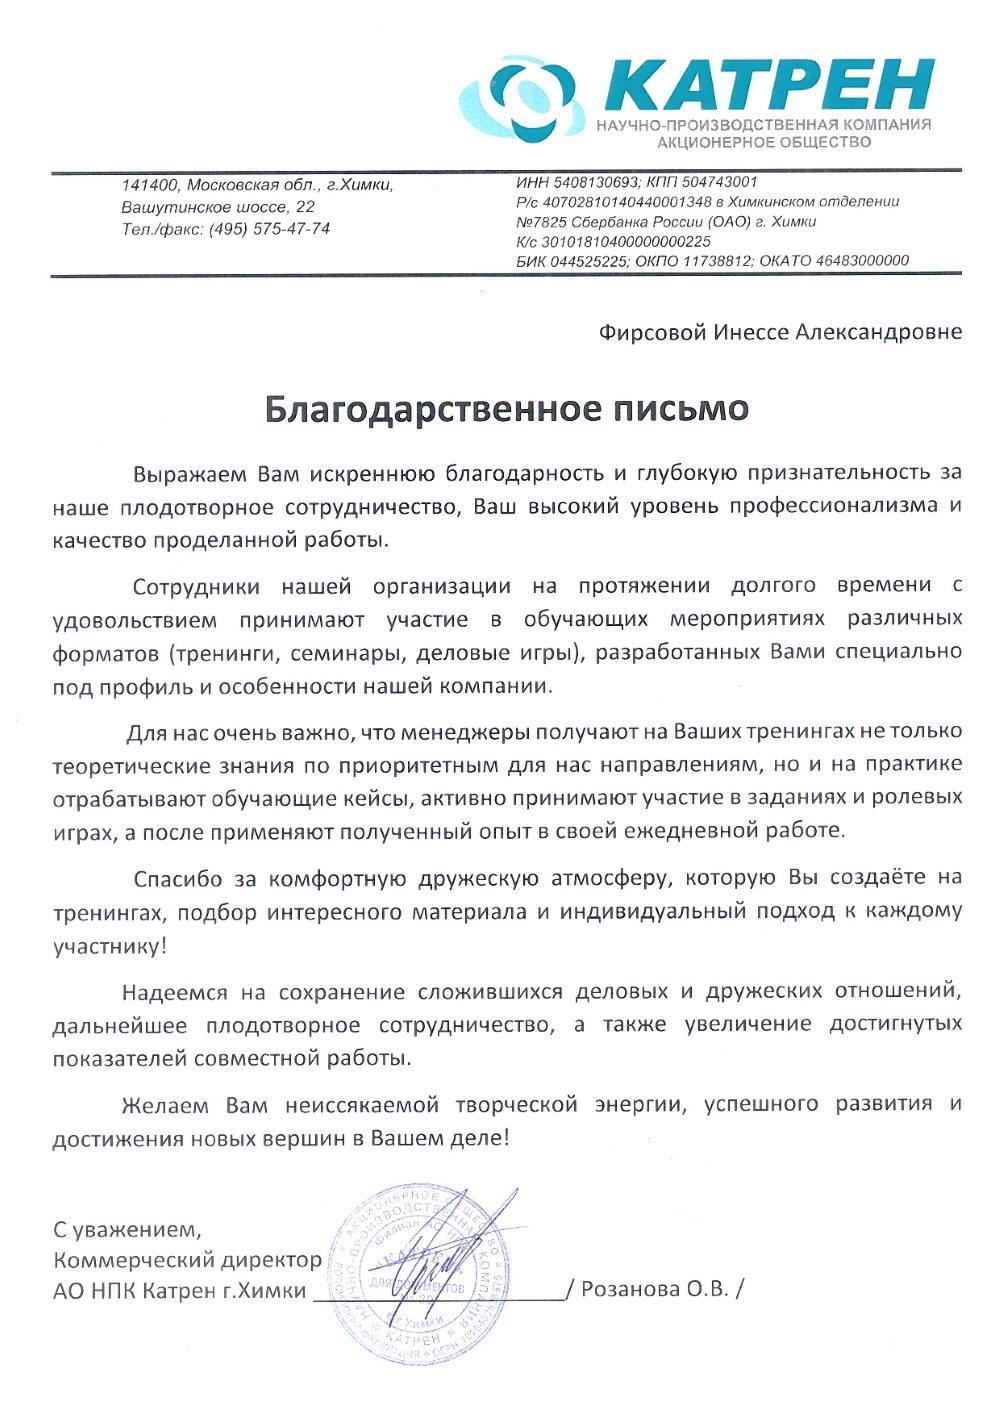 Отзыв АО НПК Катрен